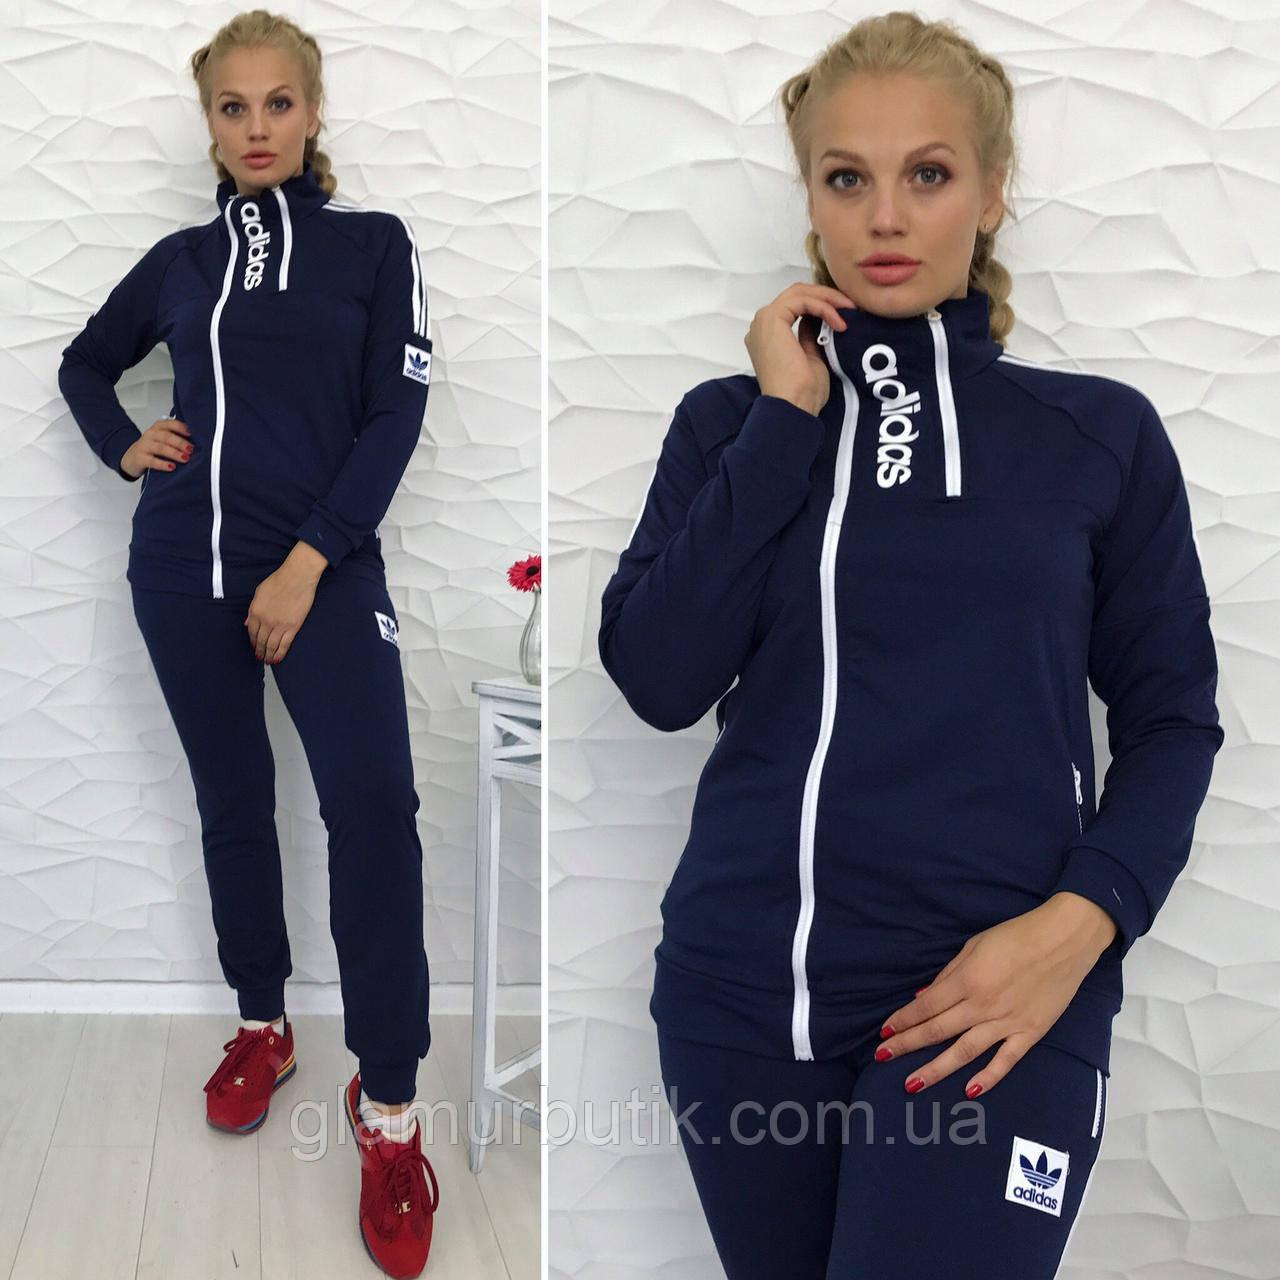 d182f5844ad Женский спортивный костюм штаны с длинной кофтой Adidas синий 42-44 44-46  больших